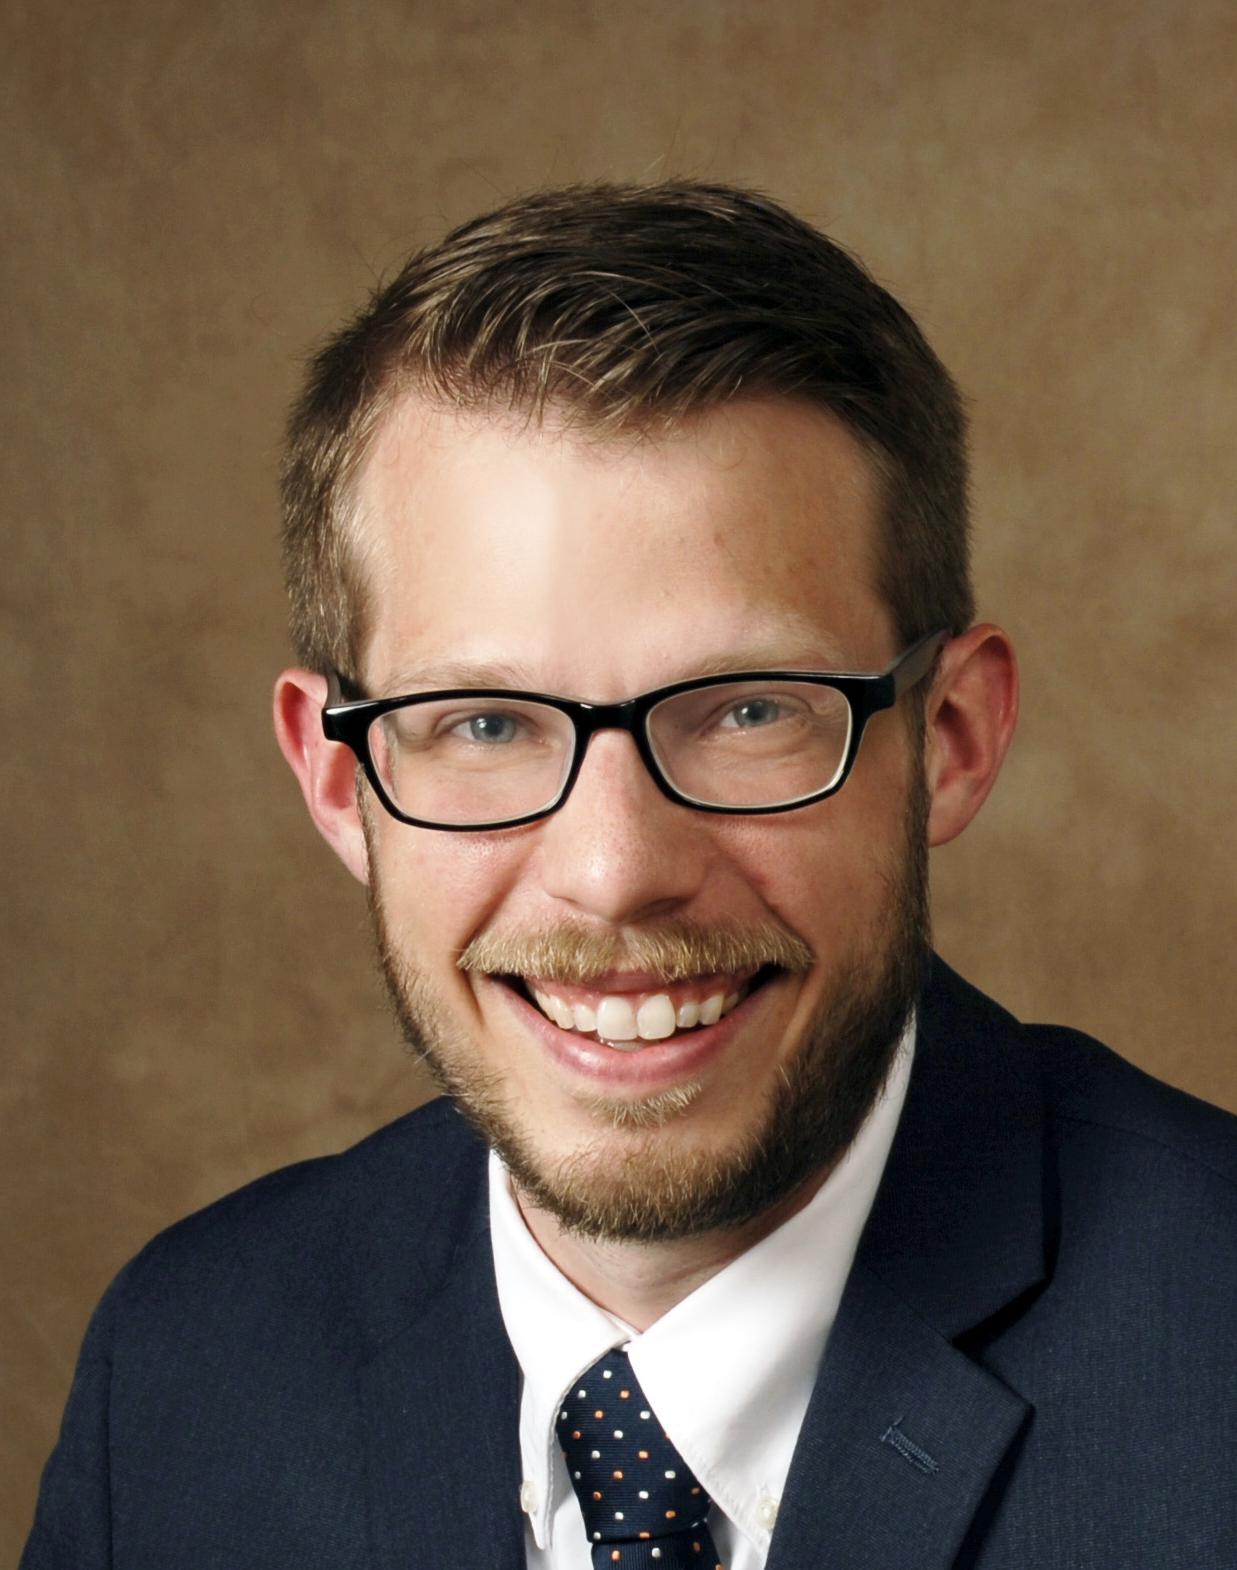 Nathan M. Jerauld